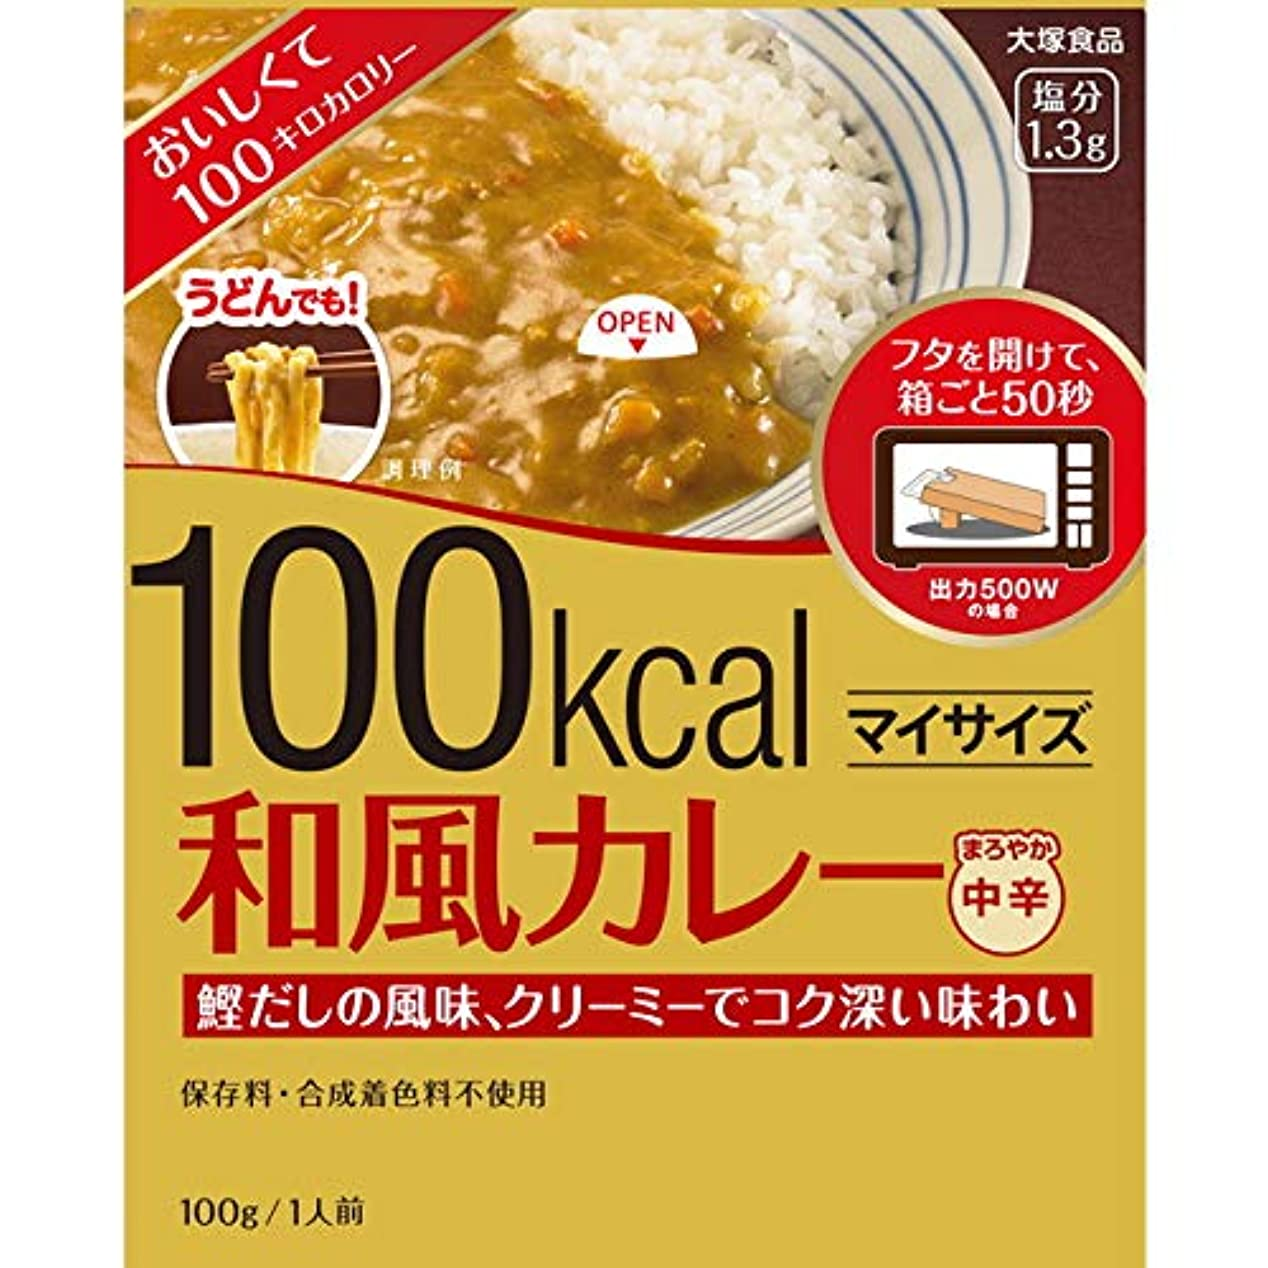 持参心から尽きる大塚 マイサイズ 和風カレー 100g【5個セット】